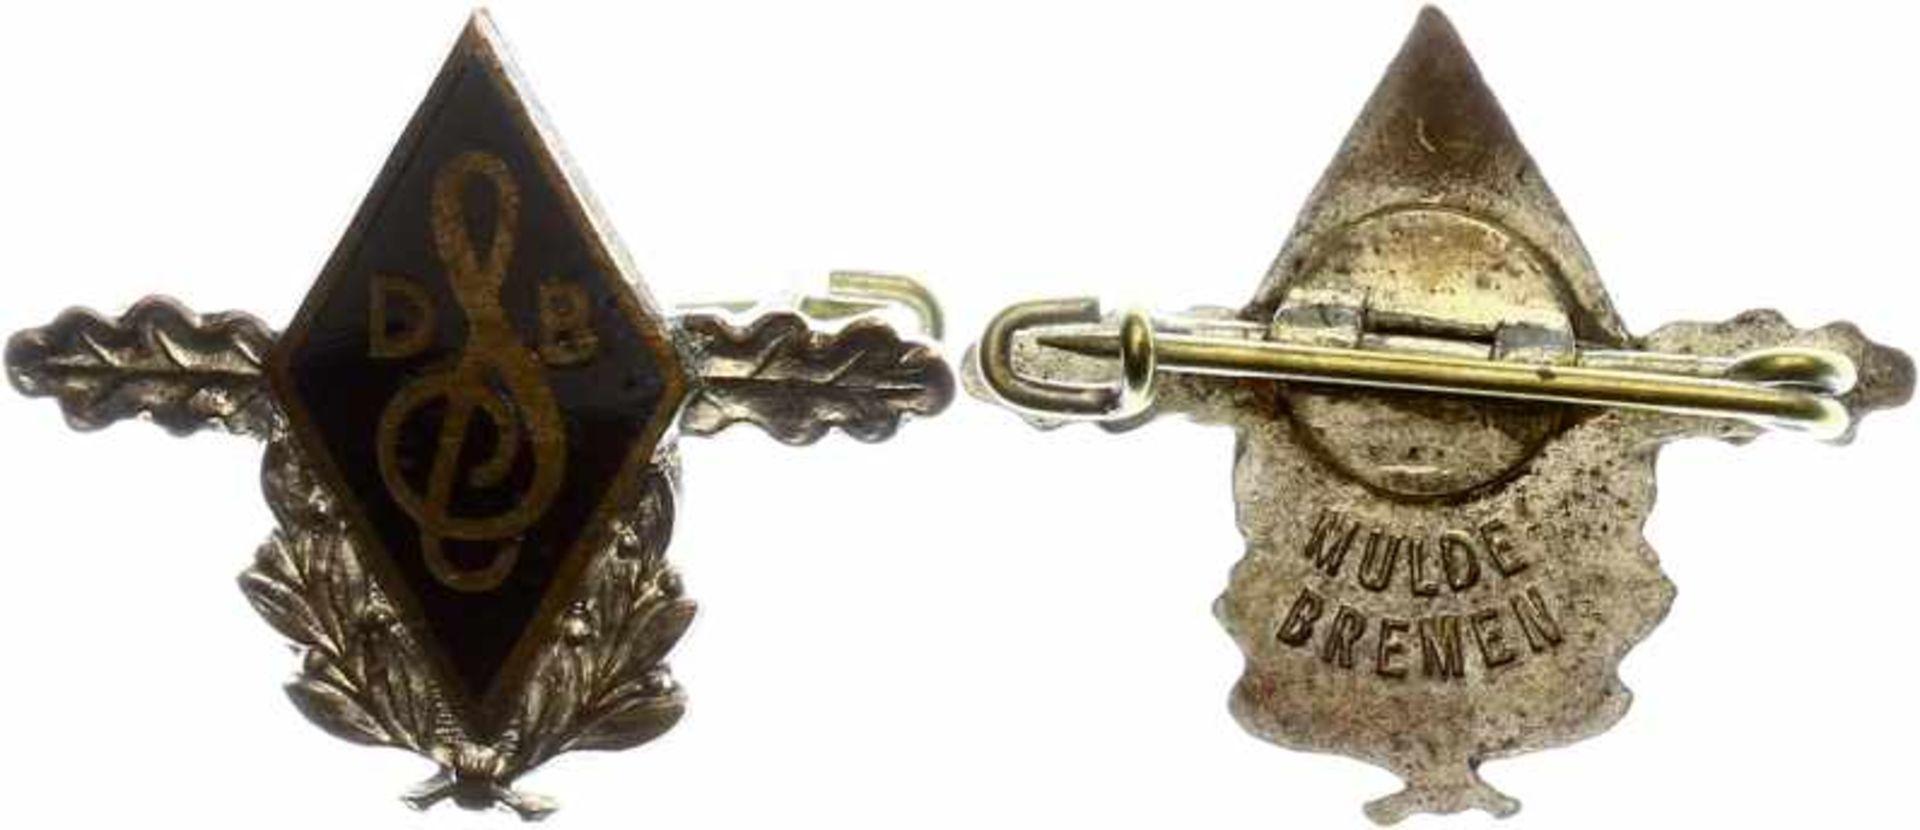 Kleinabzeichen, Mitgliedsnadeln 1871-1945 Deutscher Sängerbund (DSV), Silberne Ehrennadel, 2. Form.,